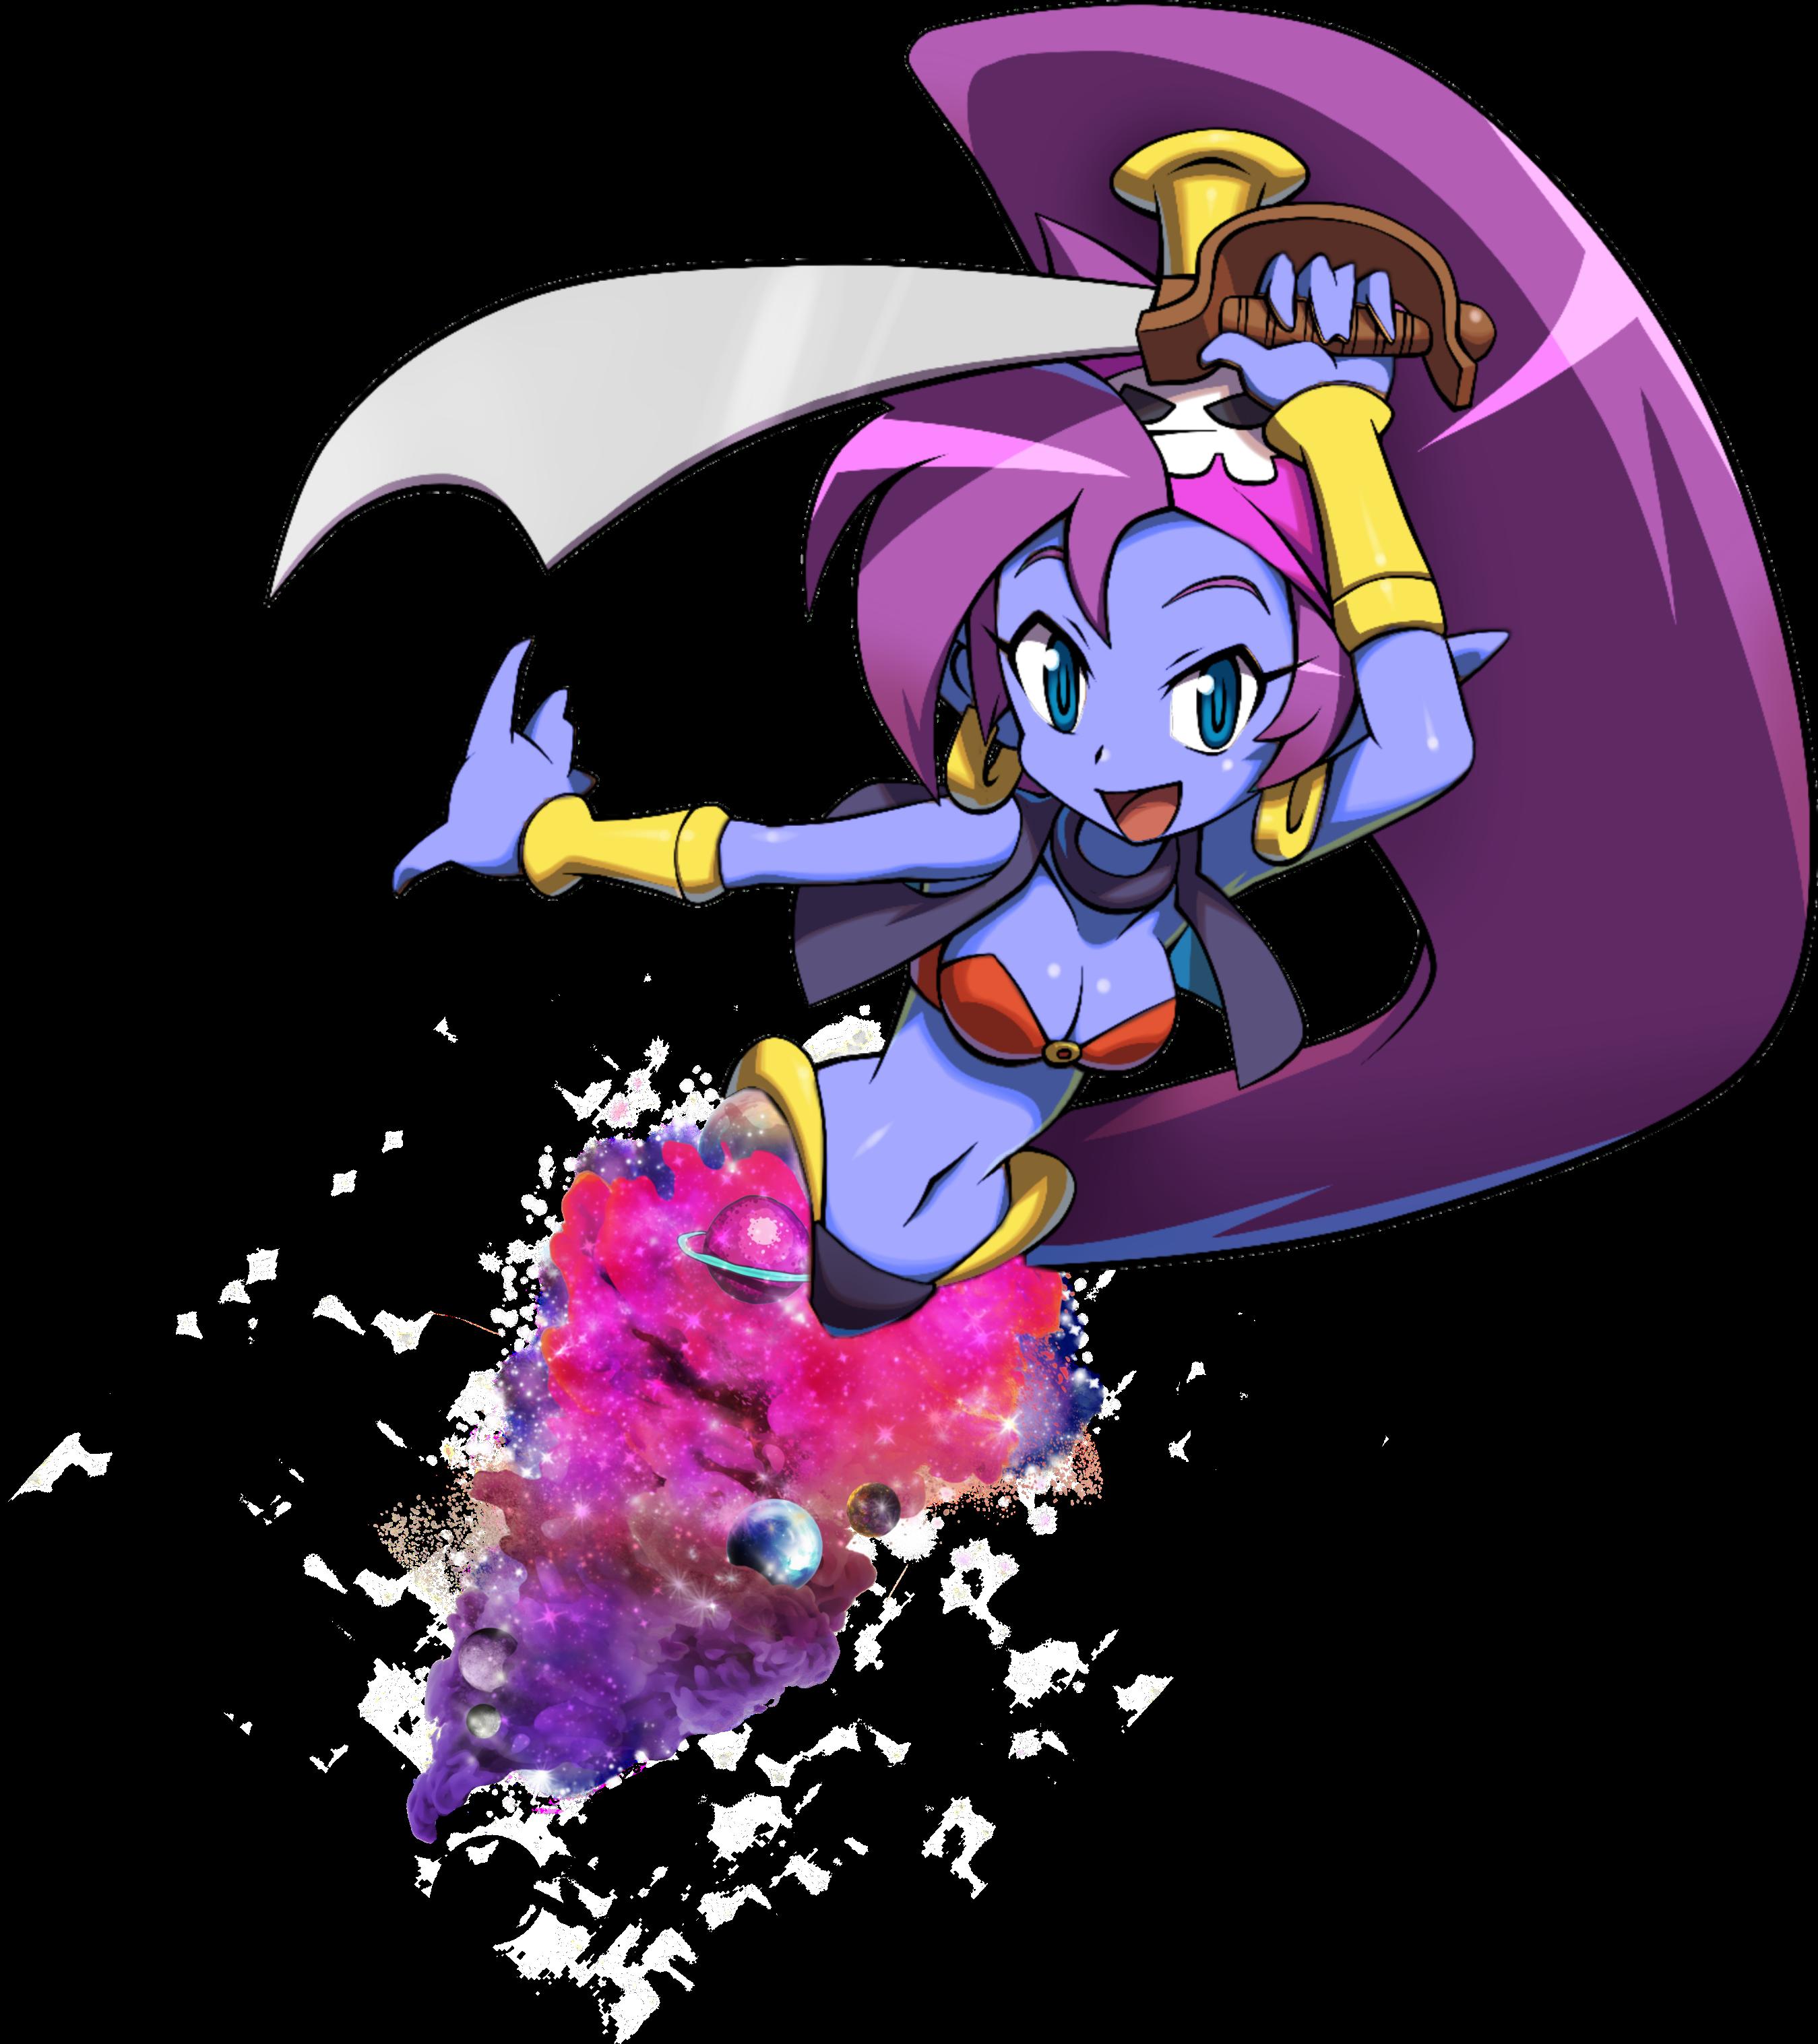 Pin on Shantae